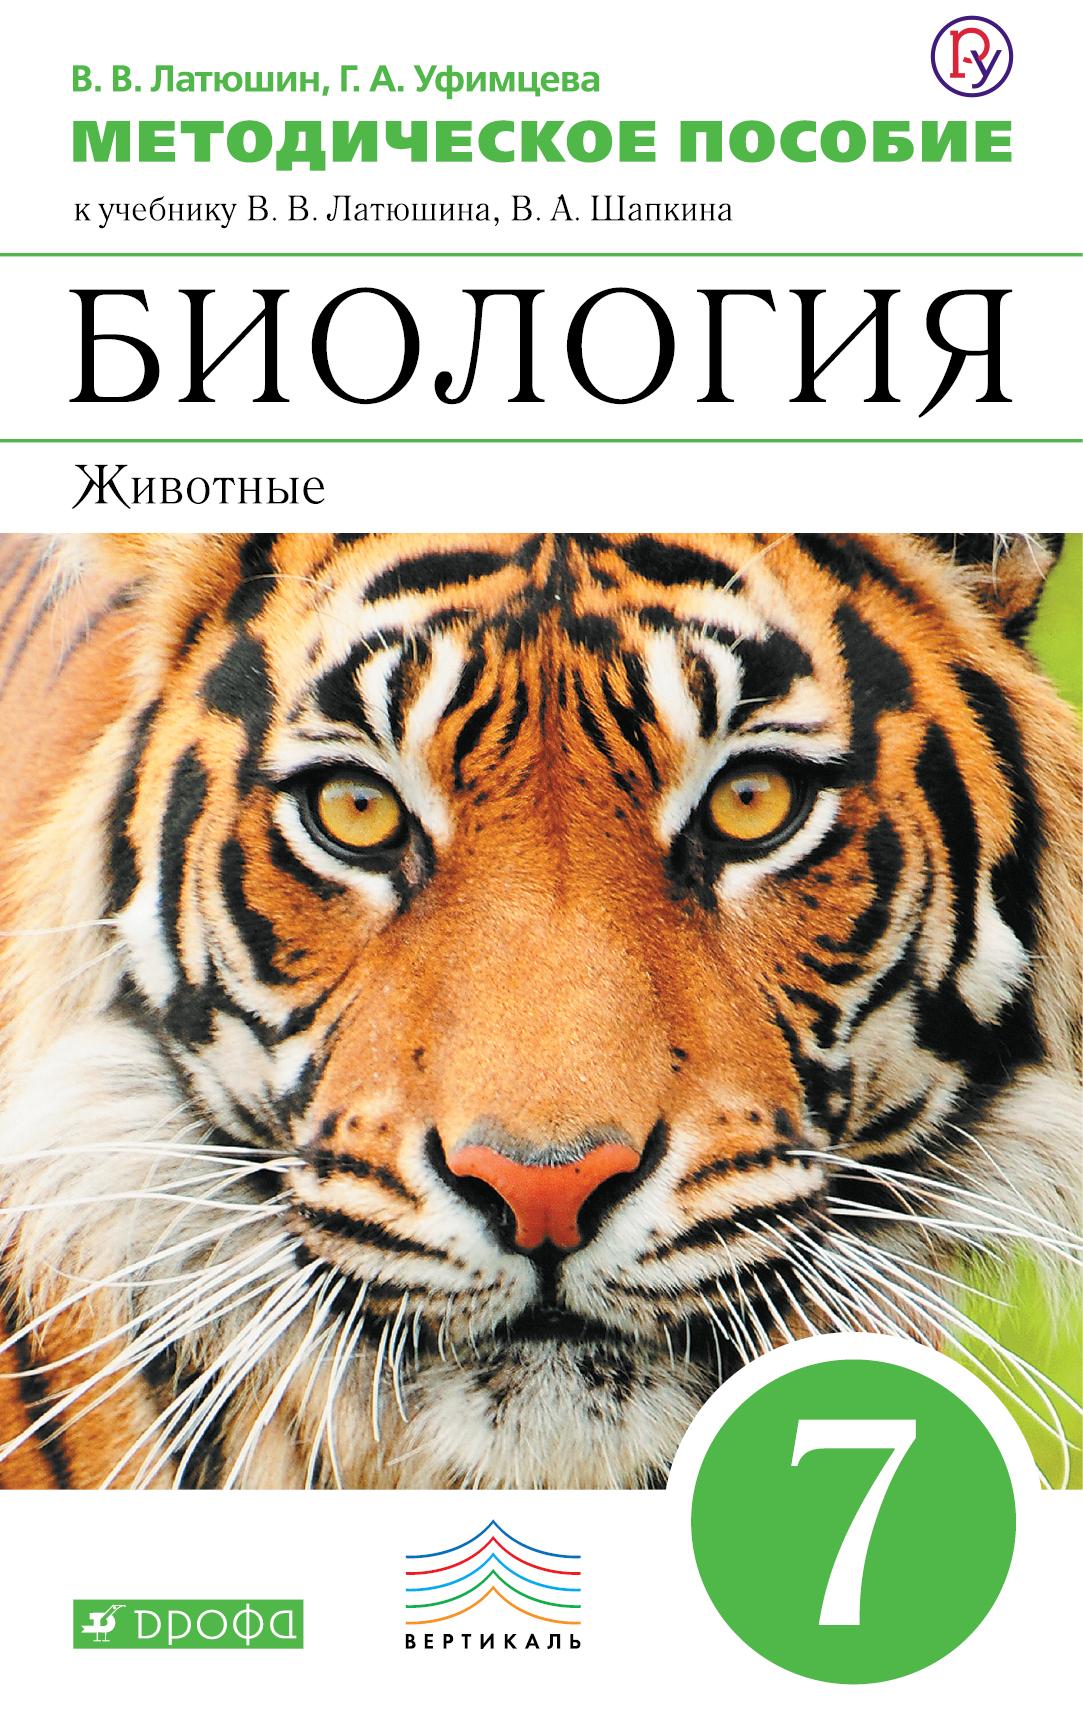 Биология. 7 класс. Животные. Методическое пособие.